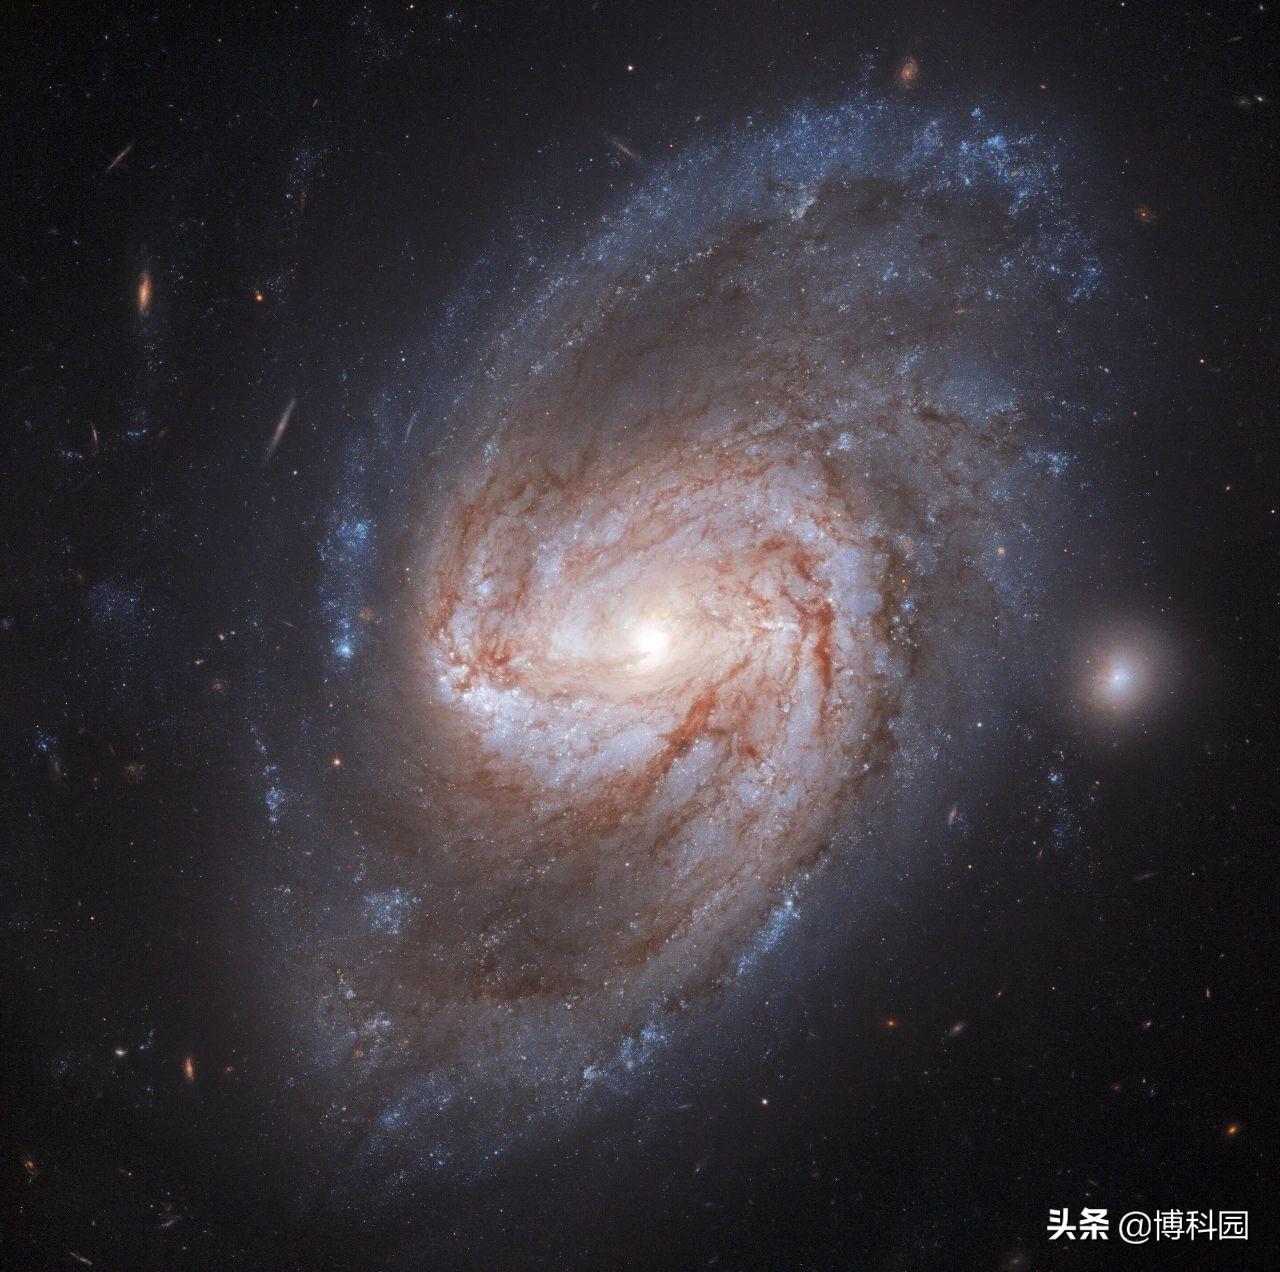 哈勃拍摄到:一张很美的条形螺旋星系,距离我们才9800万光年